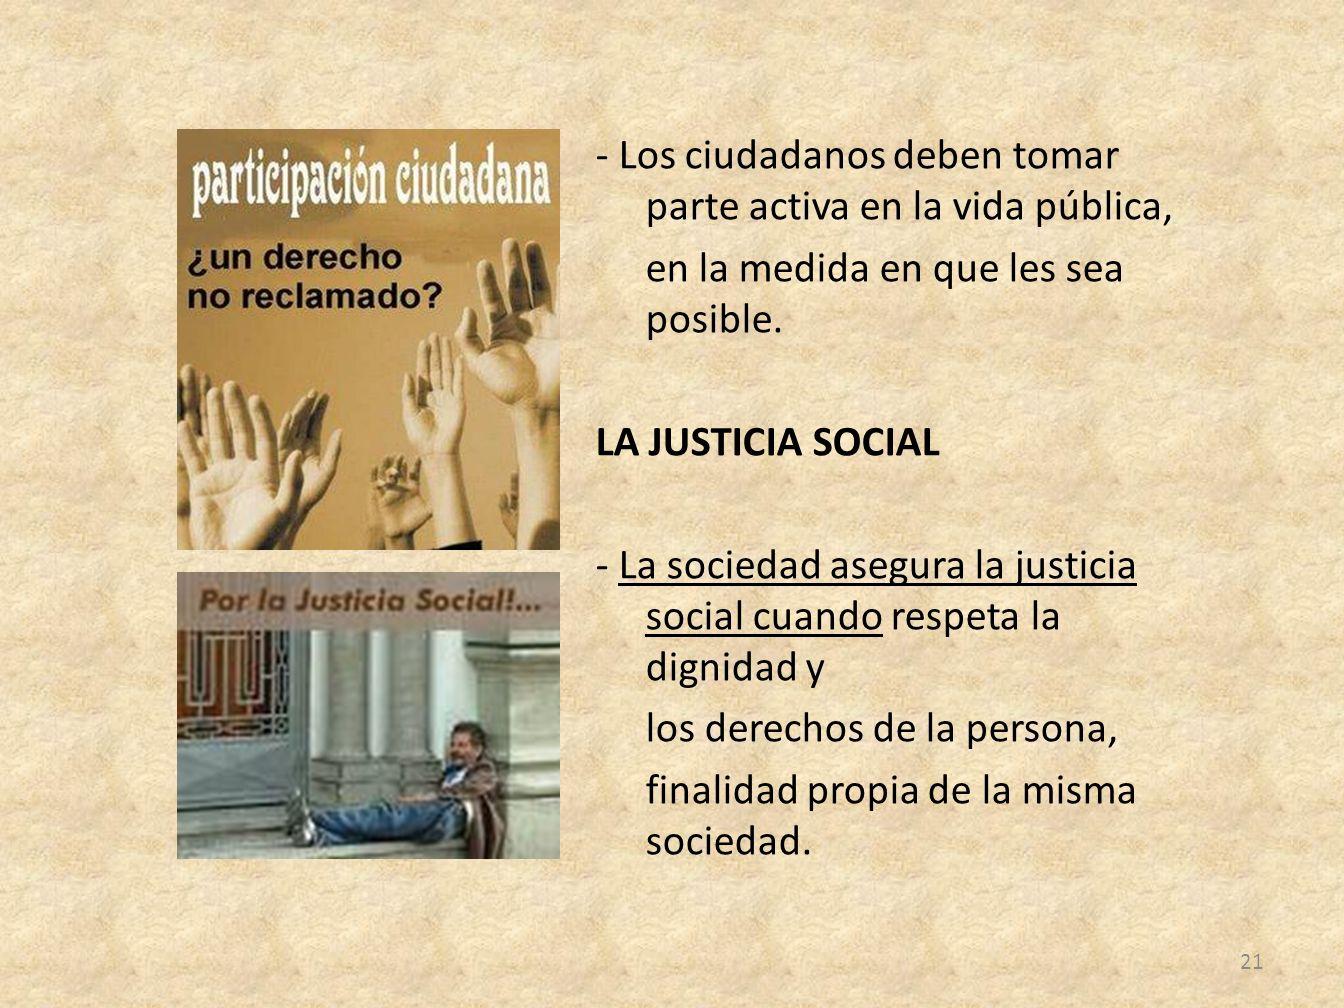 - Los ciudadanos deben tomar parte activa en la vida pública, en la medida en que les sea posible.